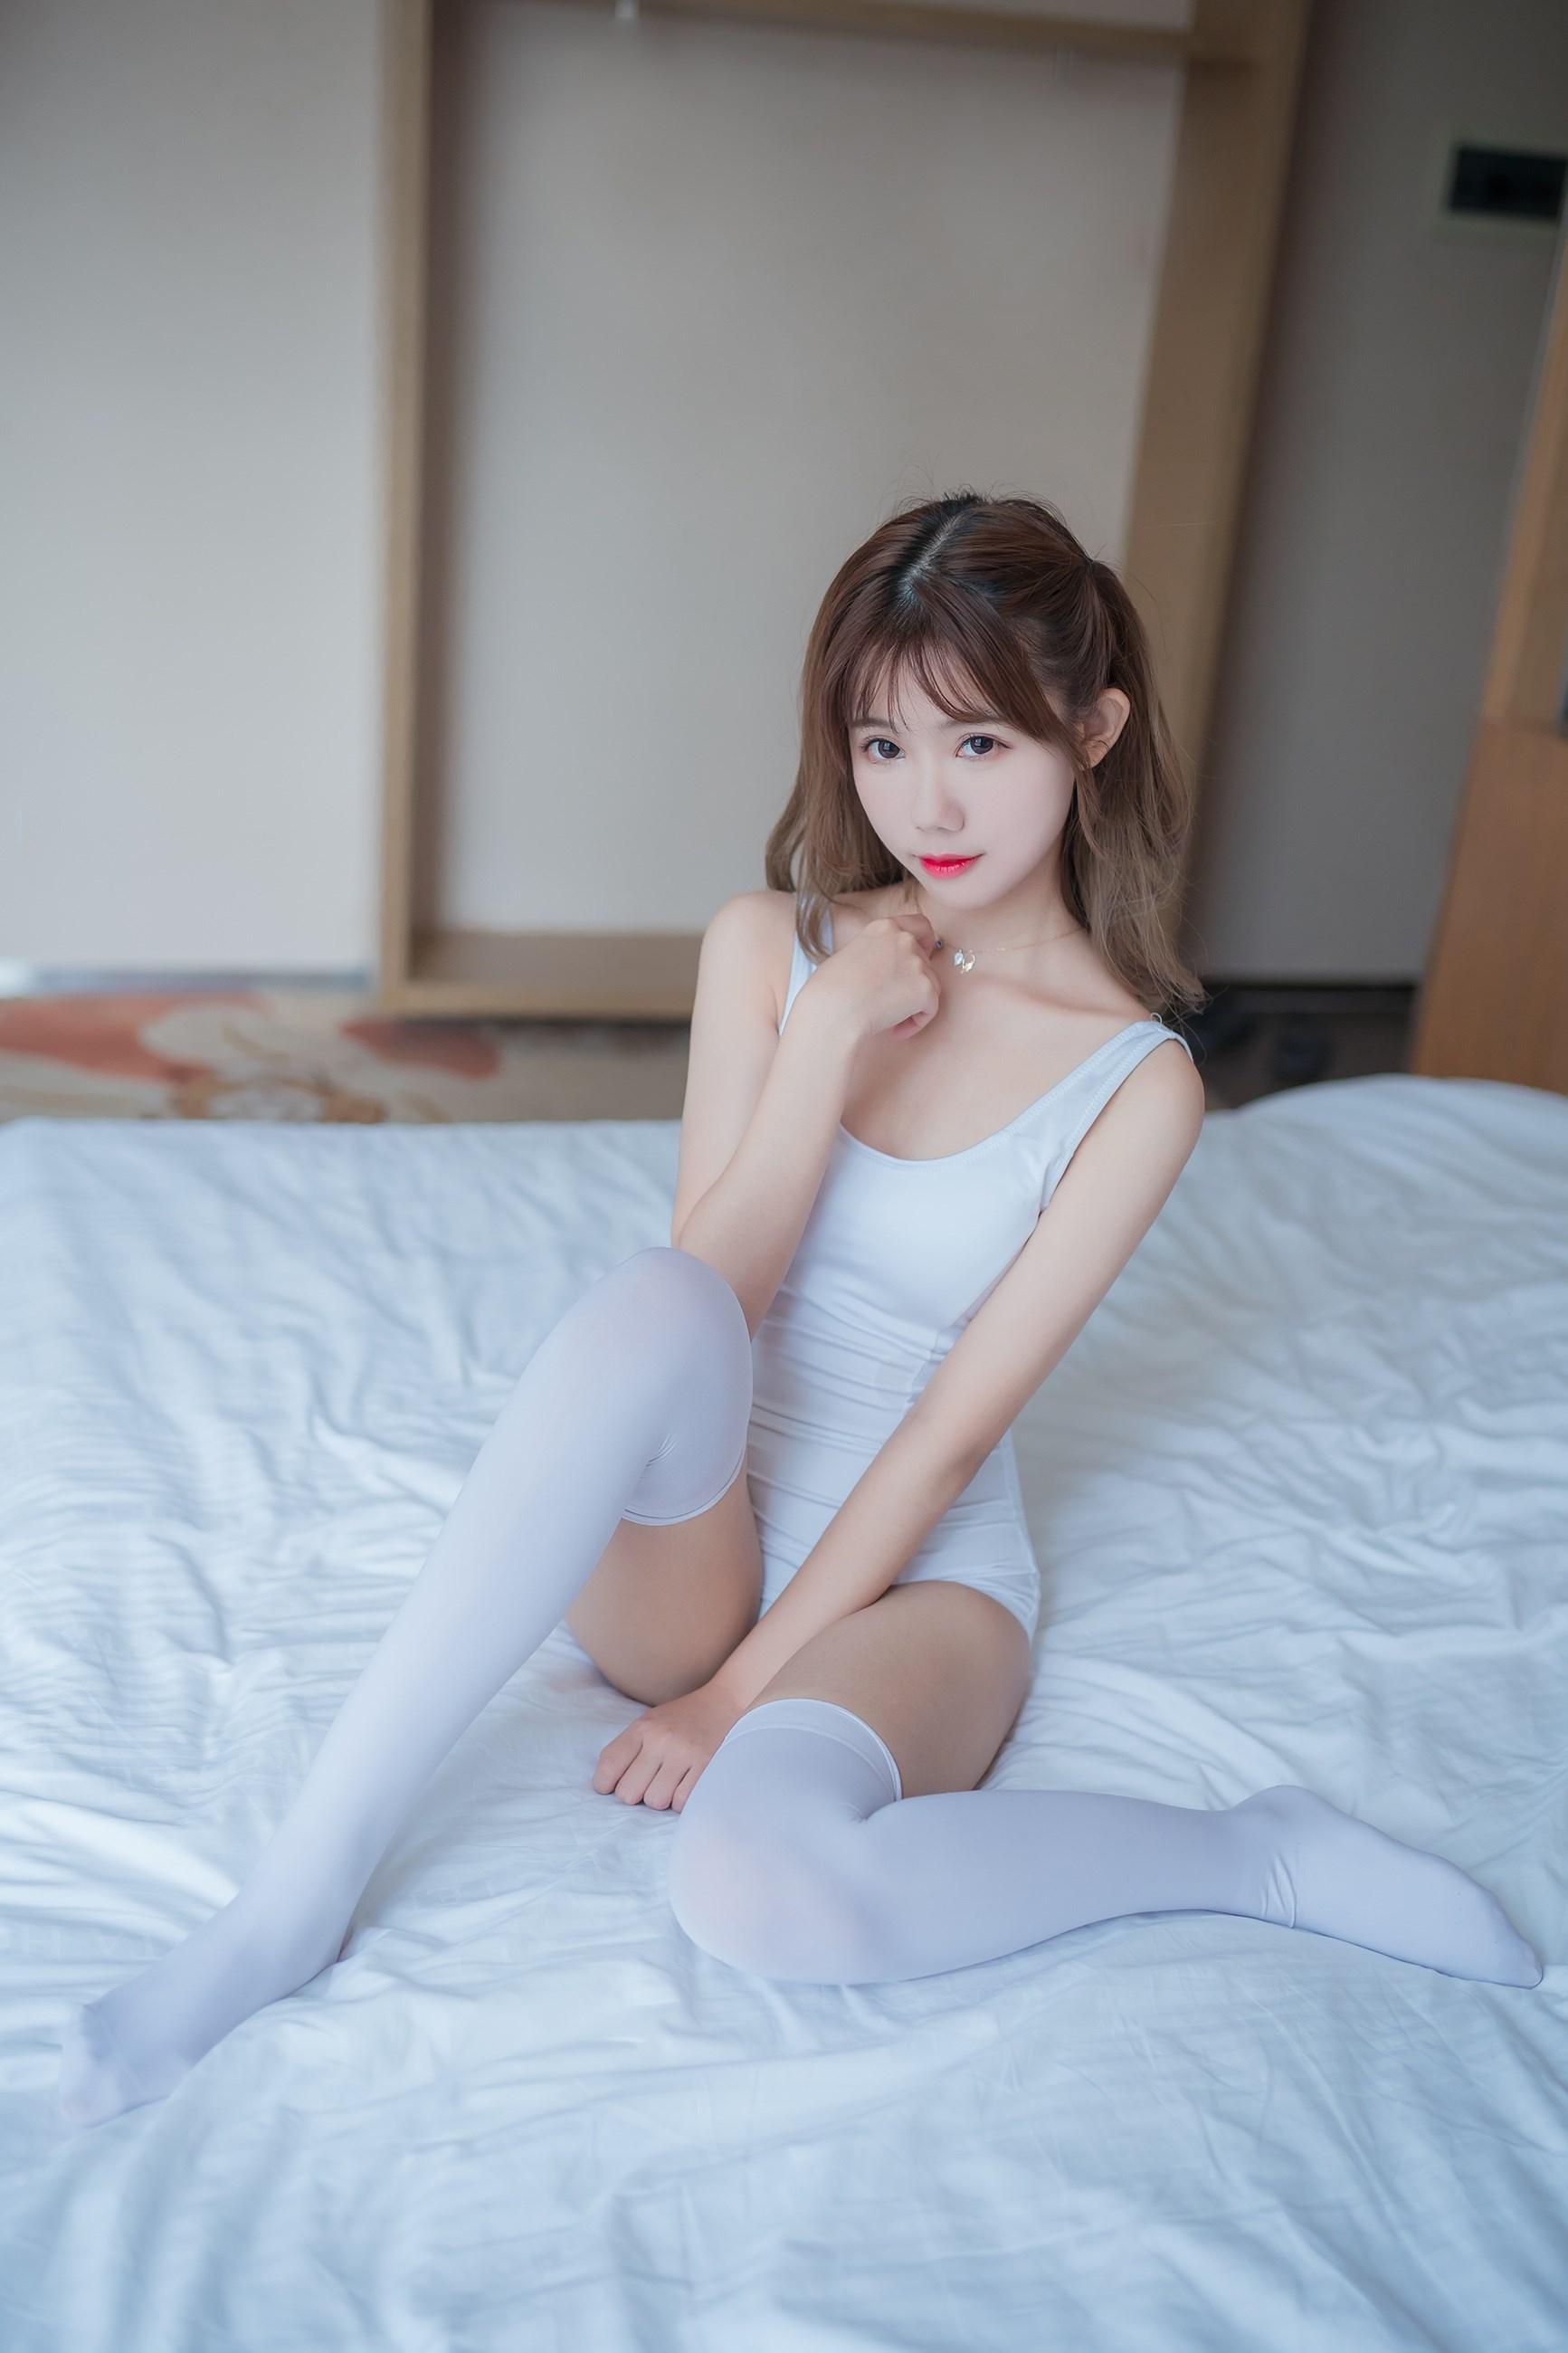 【兔玩映画】vol.09-纯白色 兔玩映画 第1张